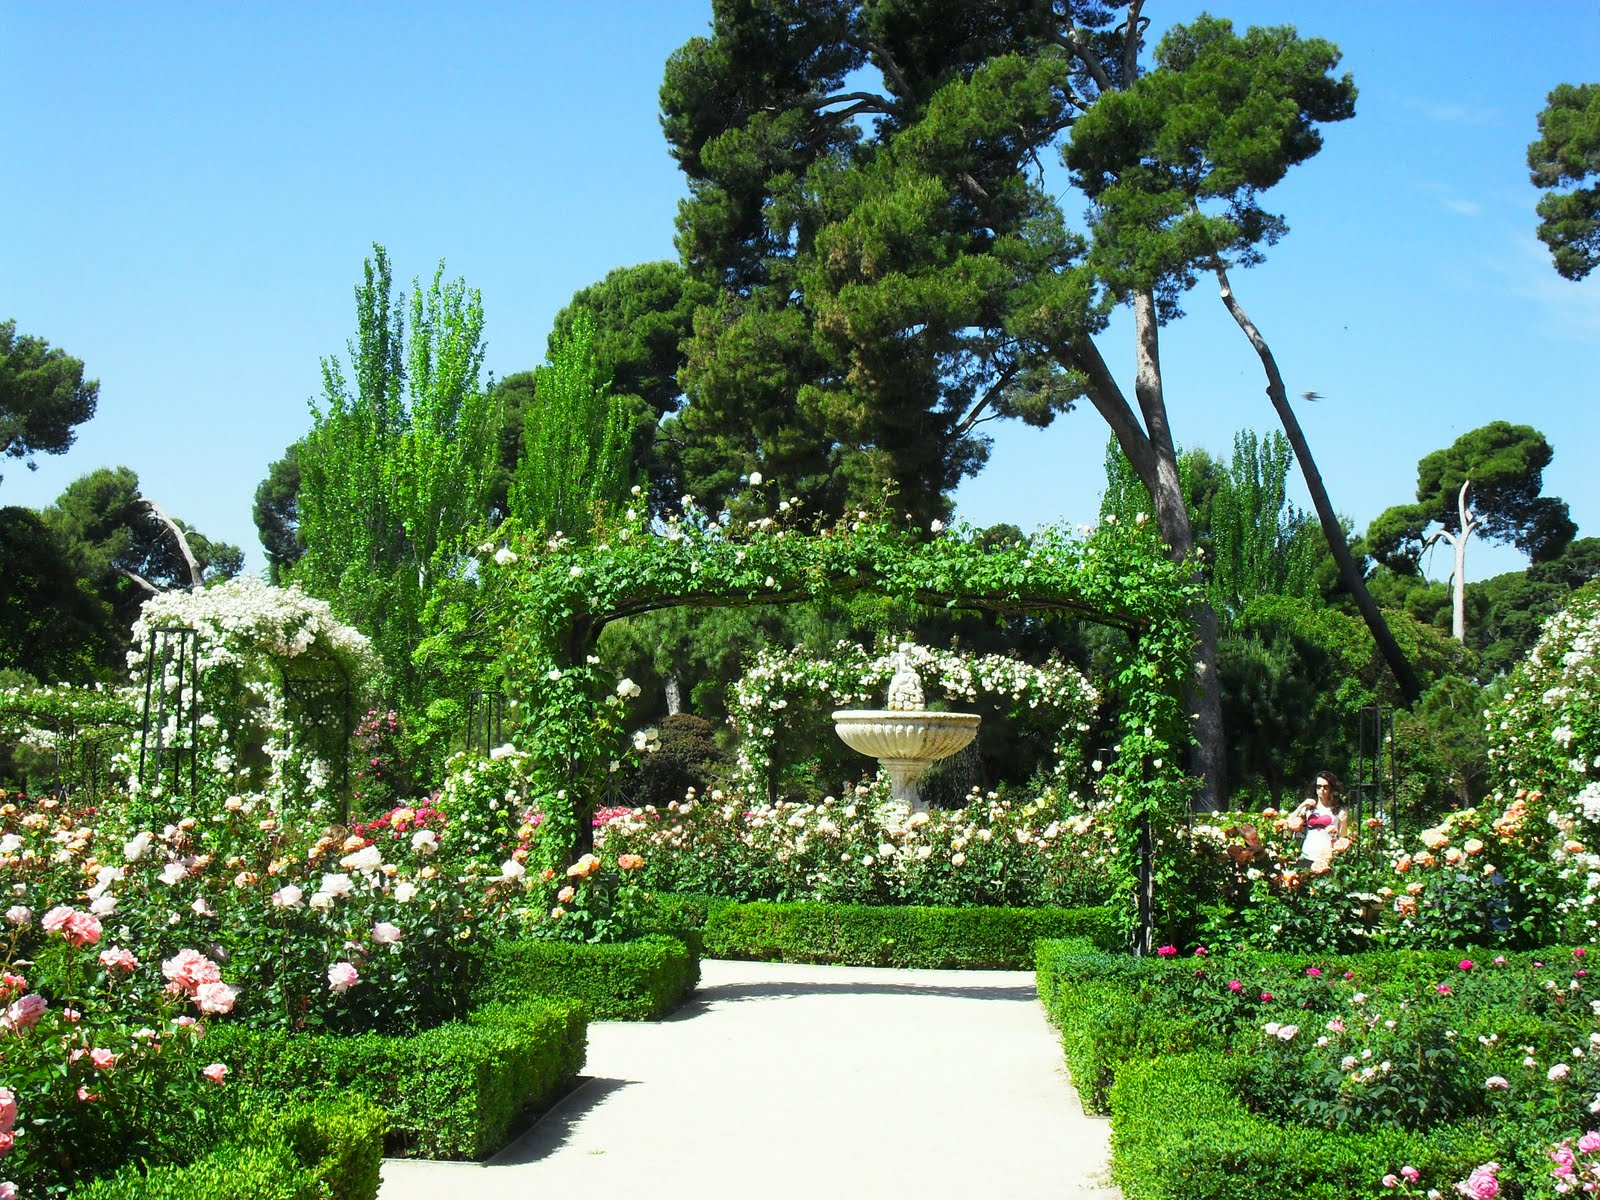 Arte y jardiner a rosaleda jard n del retiro en madrid - Diseno jardines madrid ...